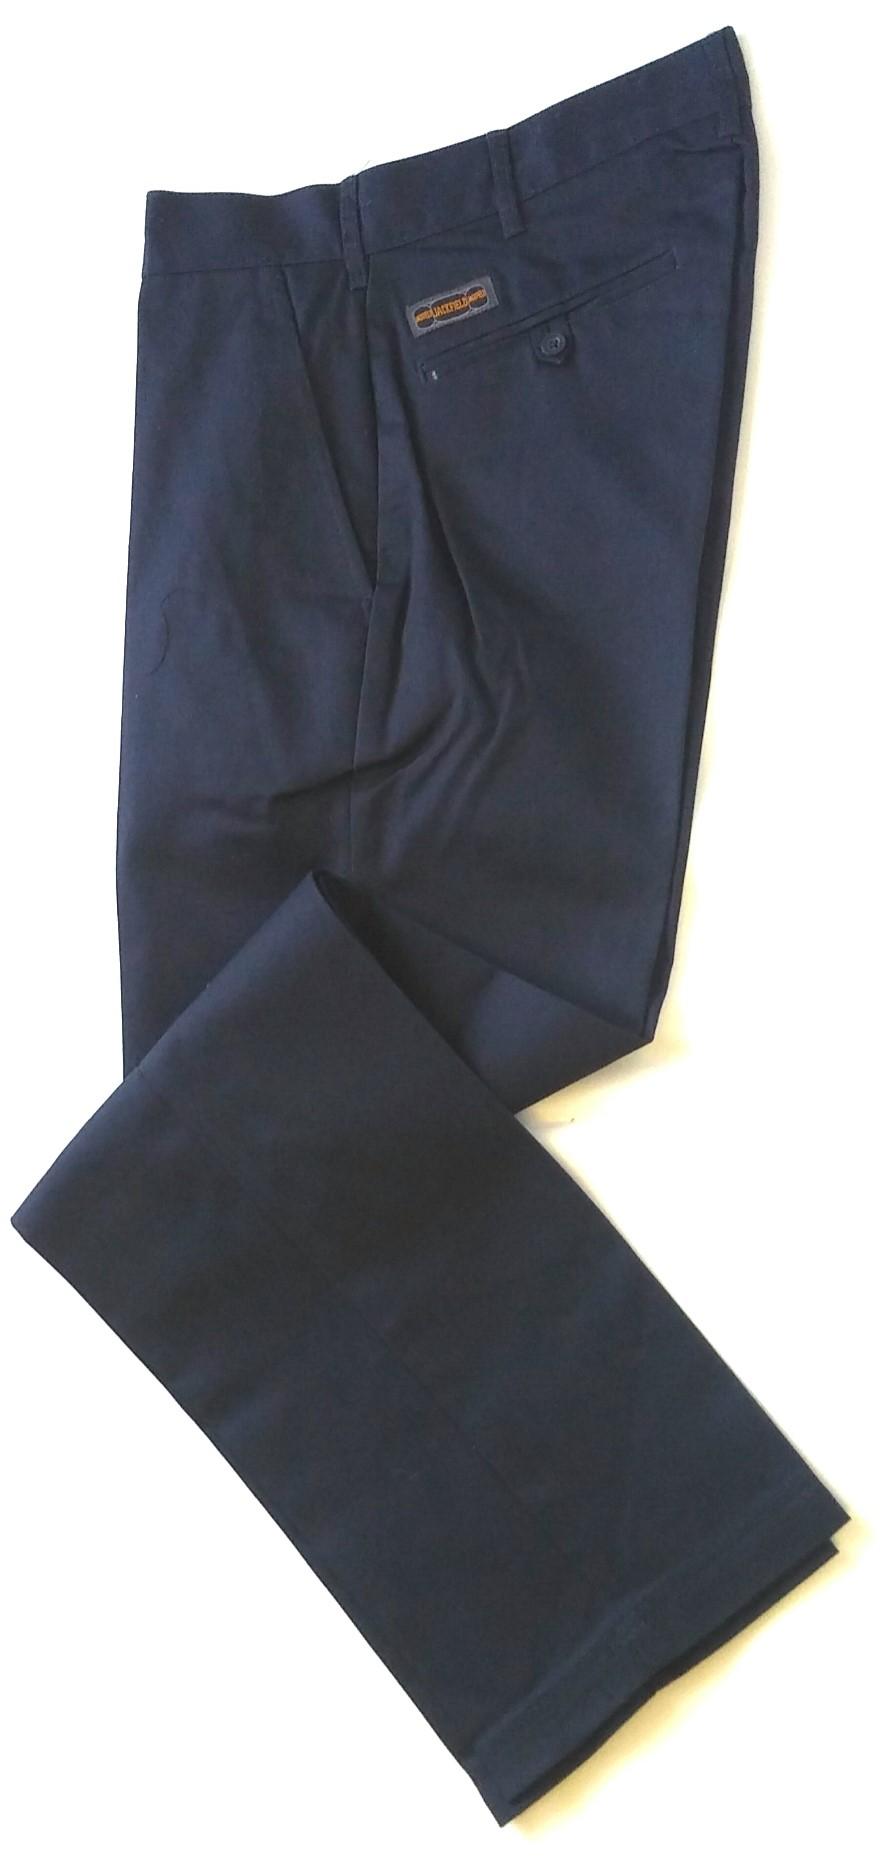 Pantalon de travail Jackfield (70-050)